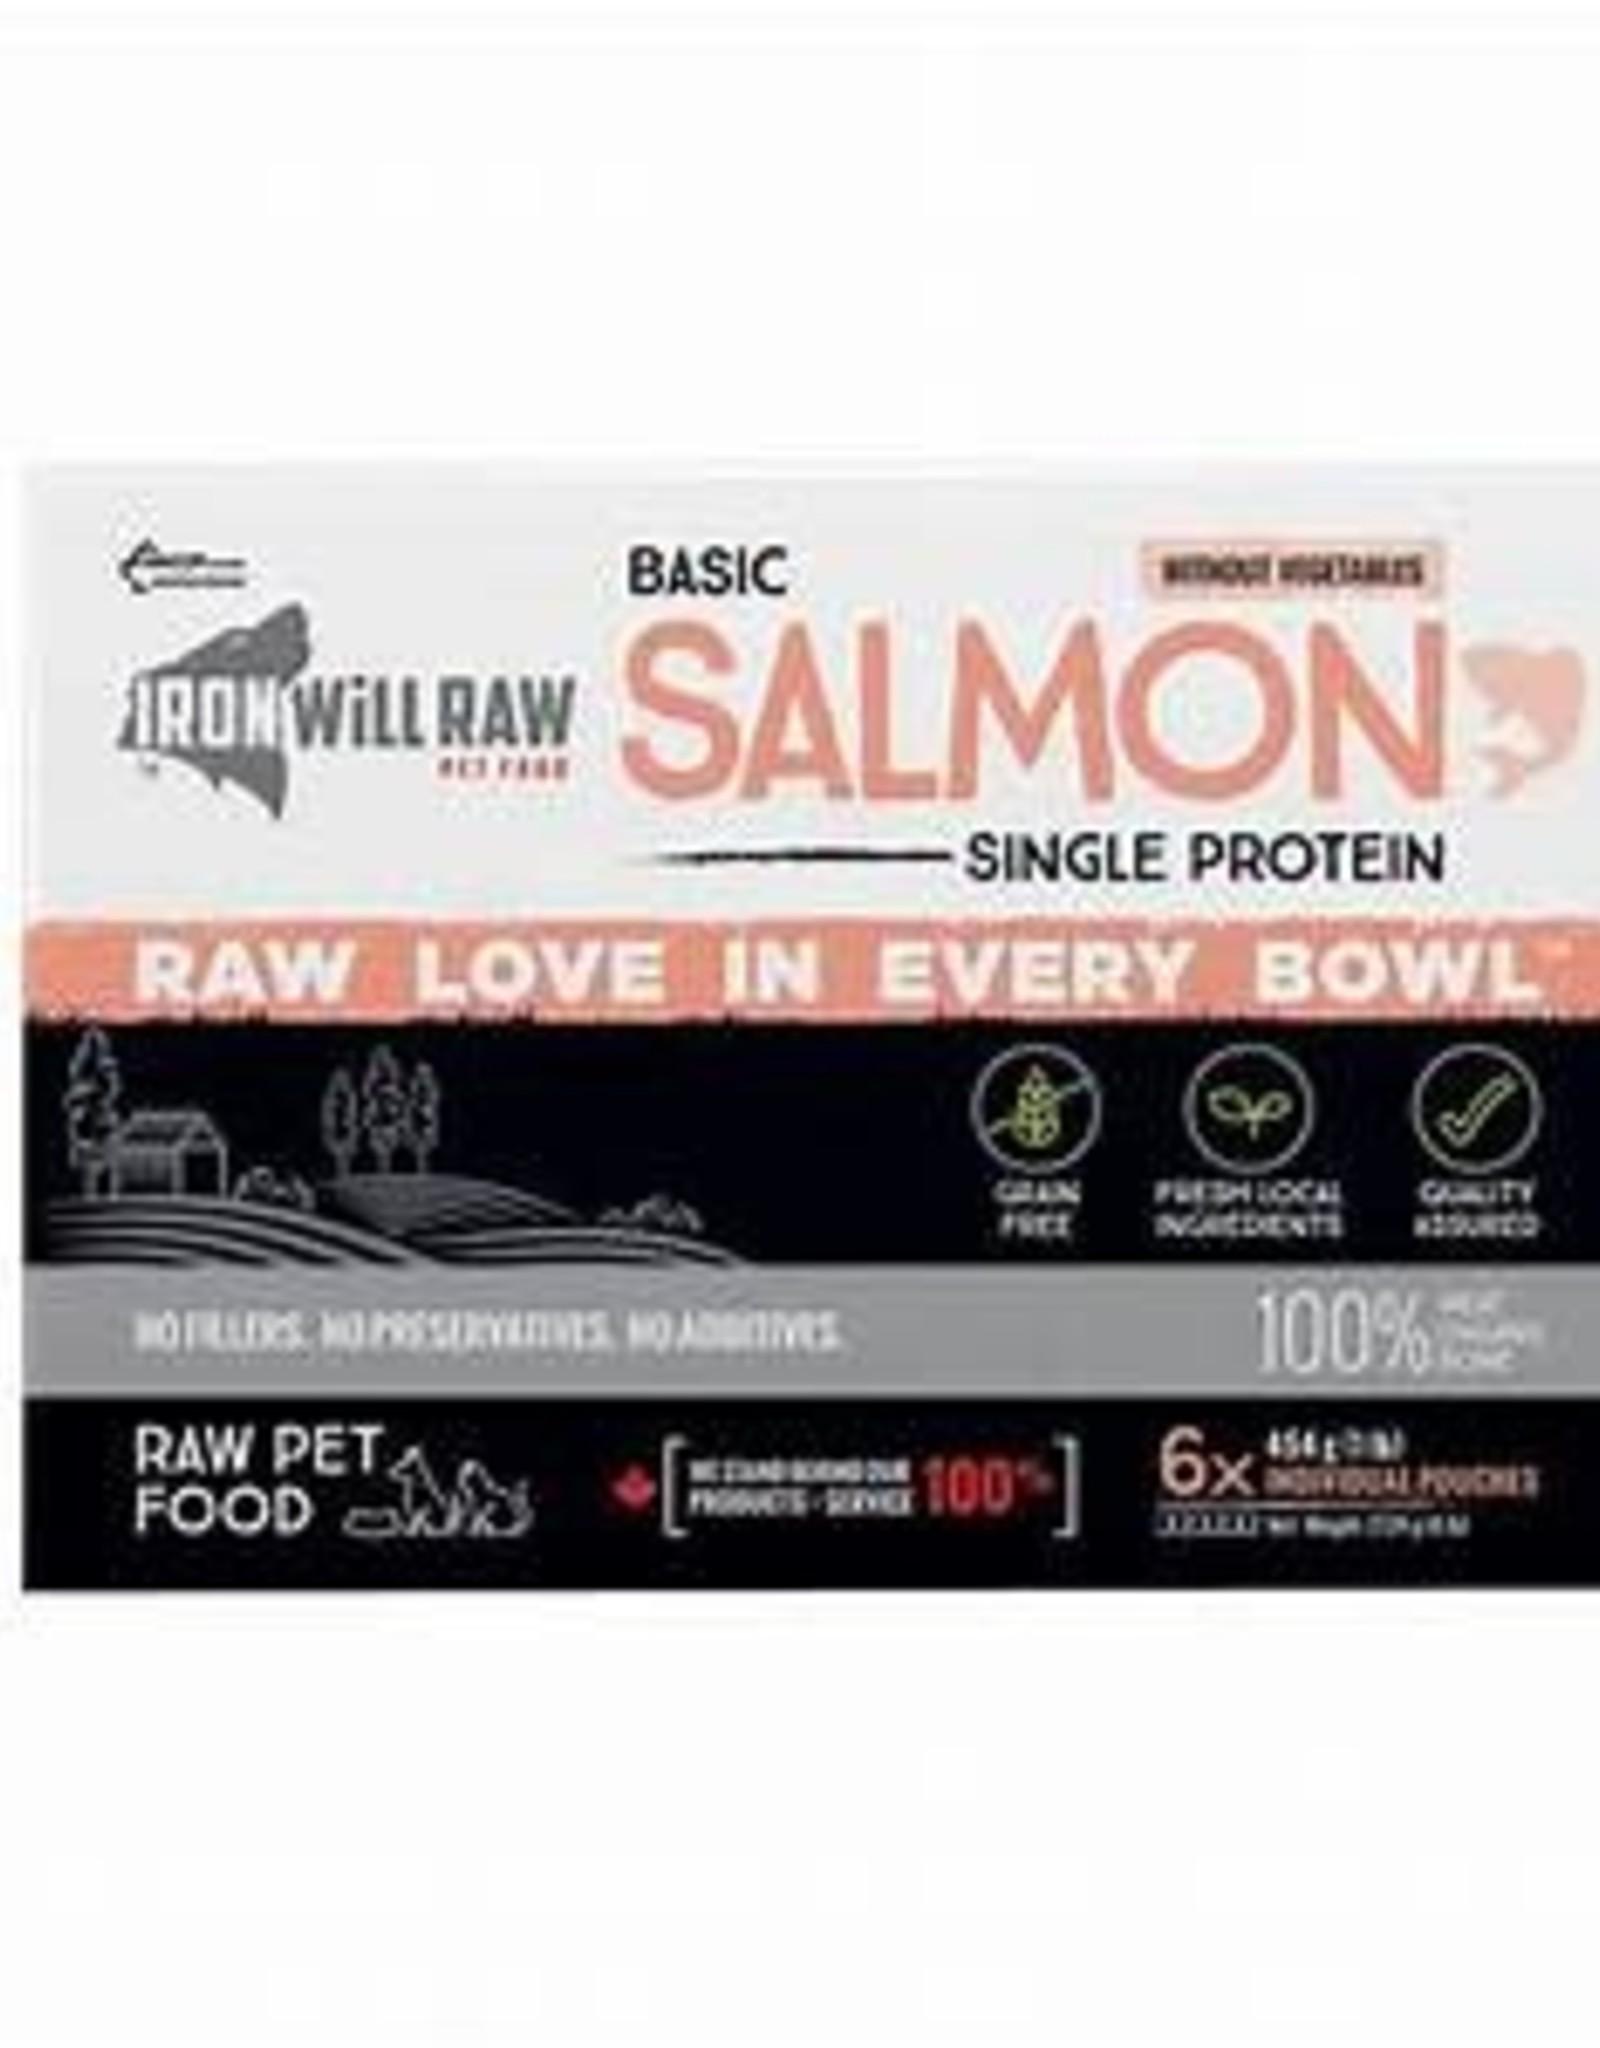 Iron Will Raw Iron Will Raw Basic Salmon Box 6lbs